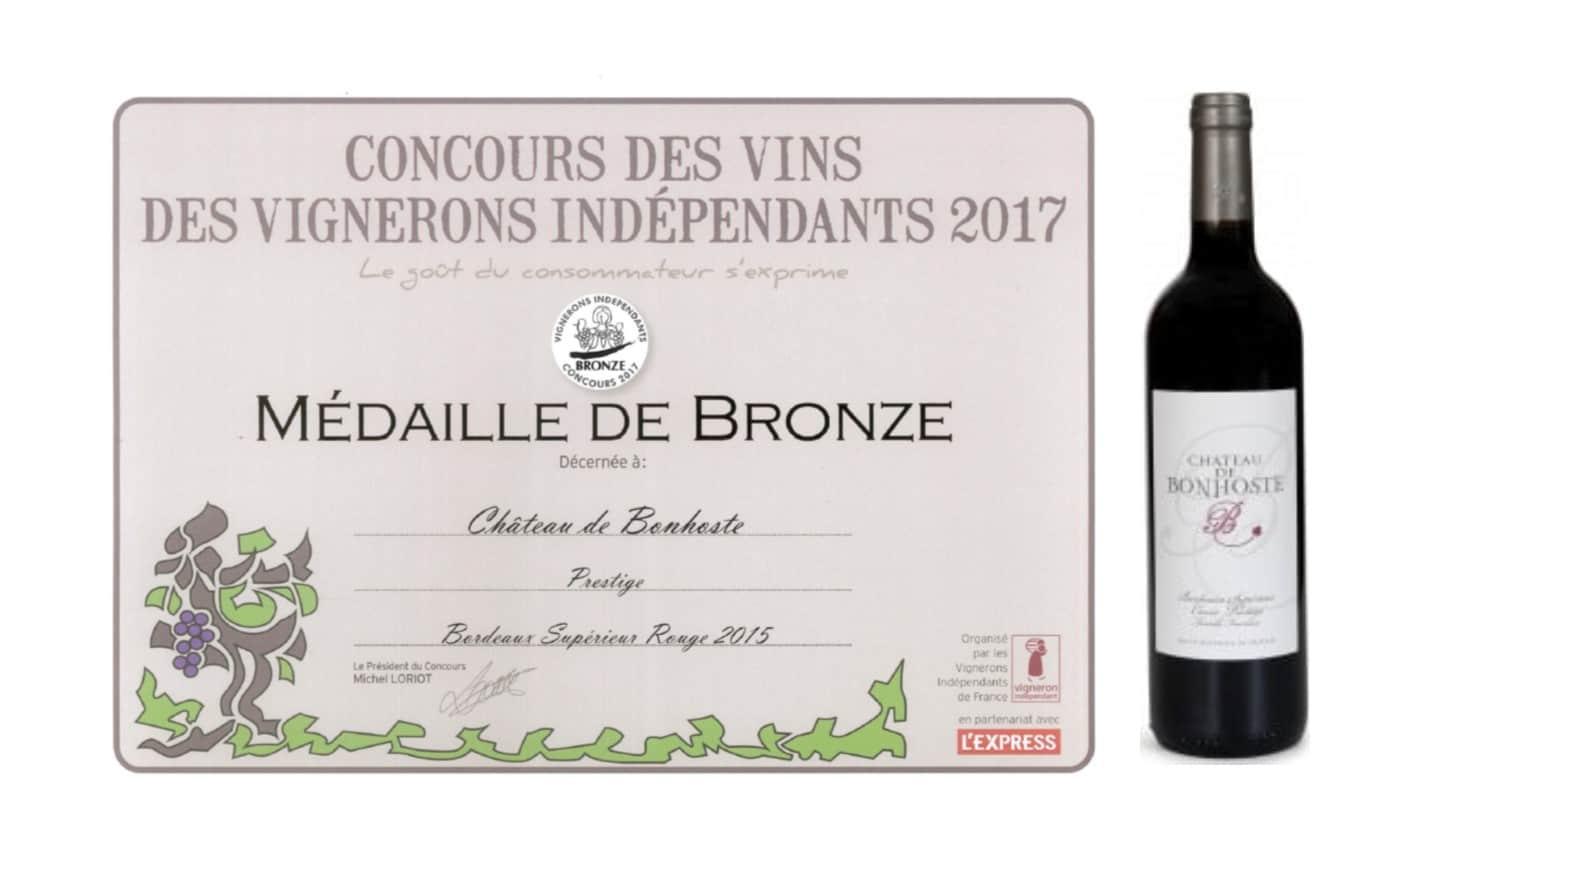 Concours des vins des vignerons ind pendants 2017 vignobles fournier ch teau de bonhoste - Salon des vignerons independants rennes ...